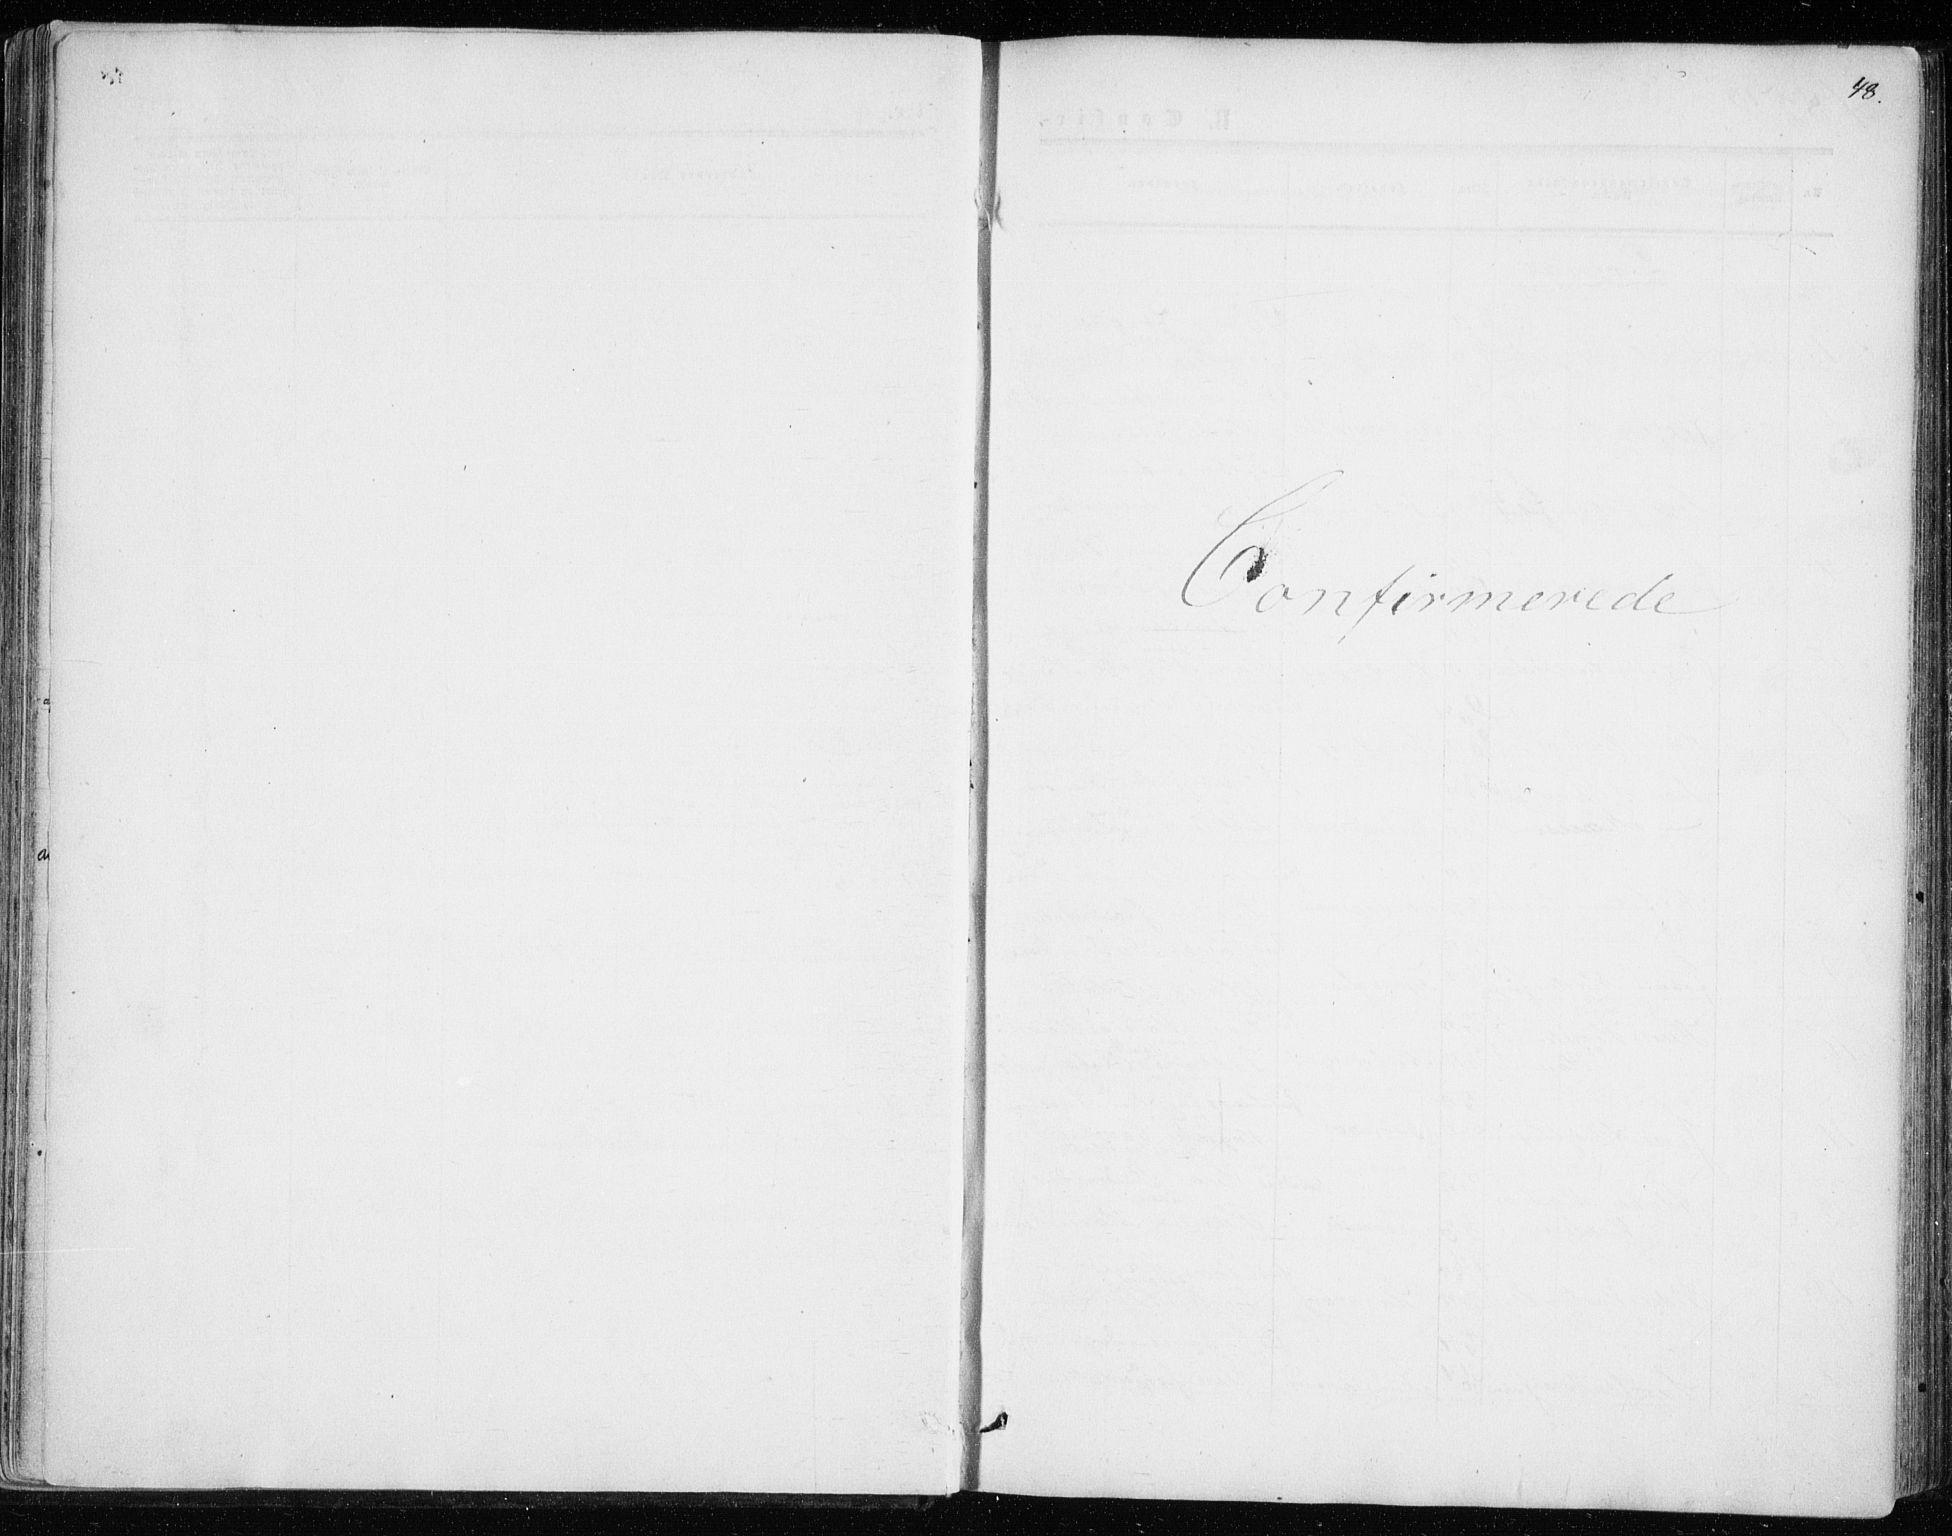 SATØ, Balsfjord sokneprestembete, Ministerialbok nr. 1, 1858-1870, s. 48